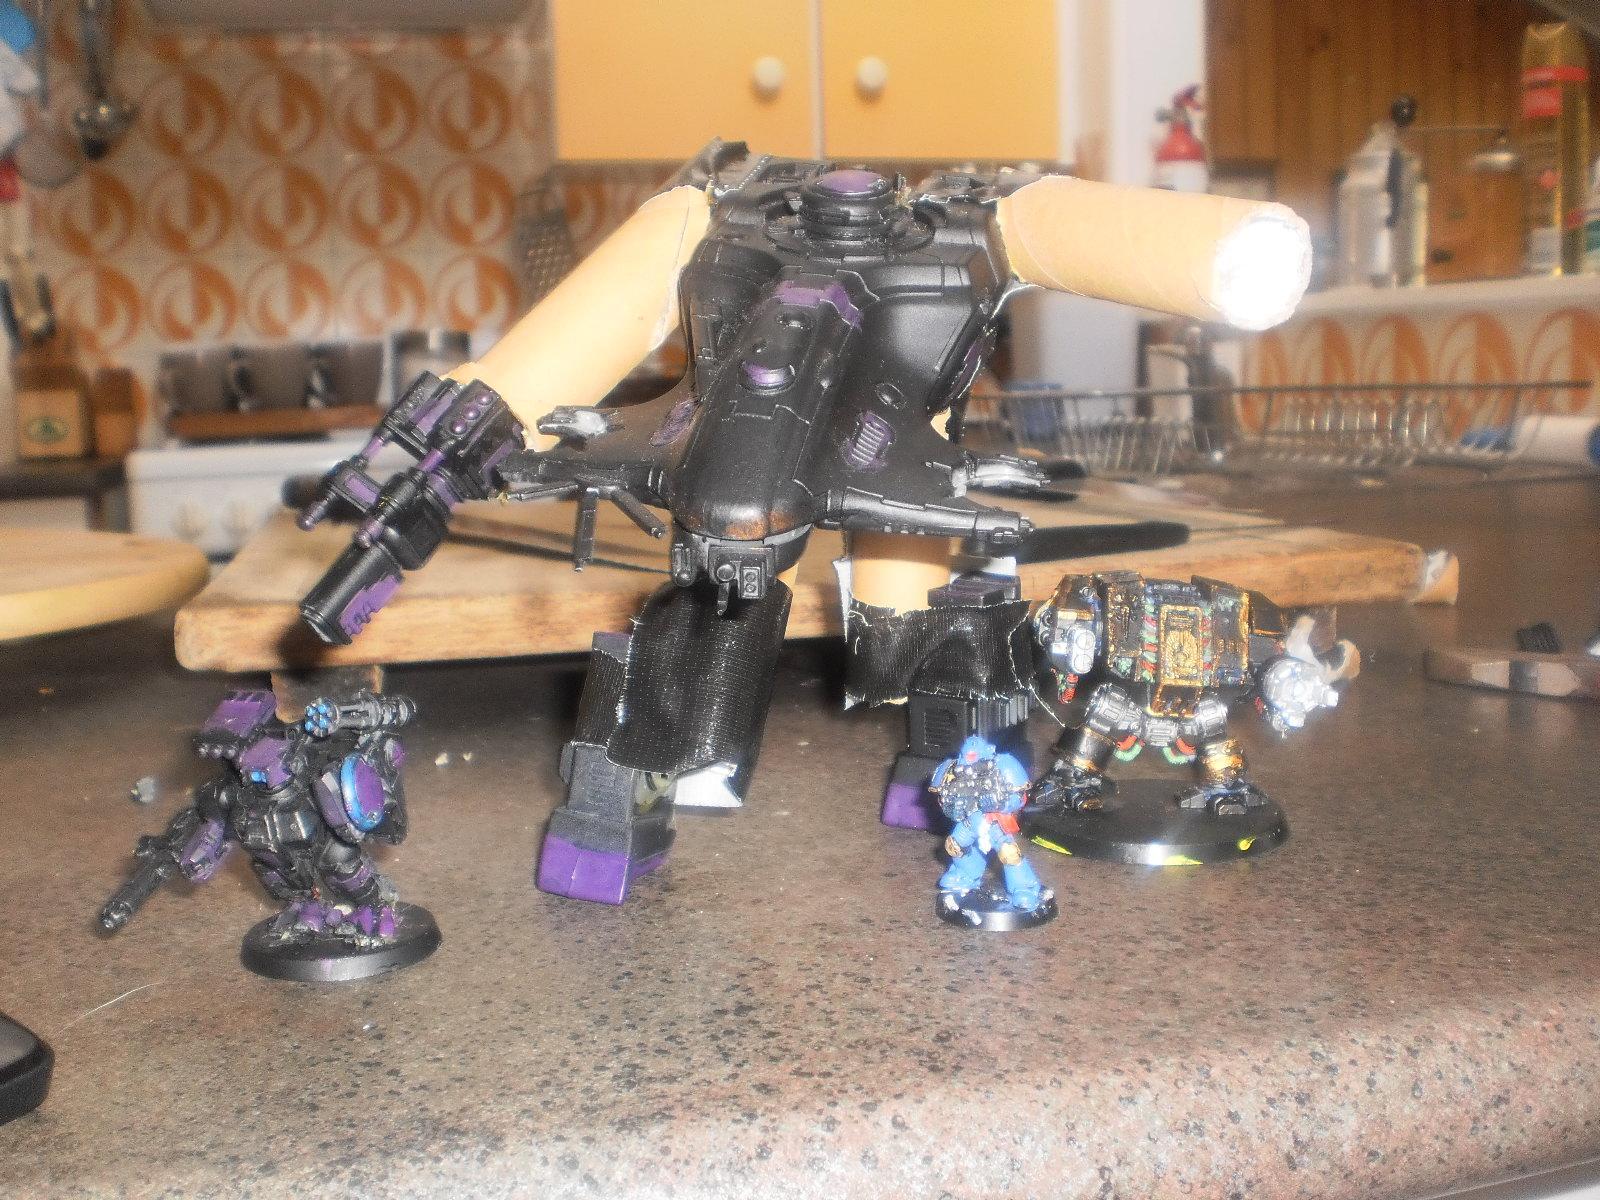 Hammerhead, Tau, Transformer